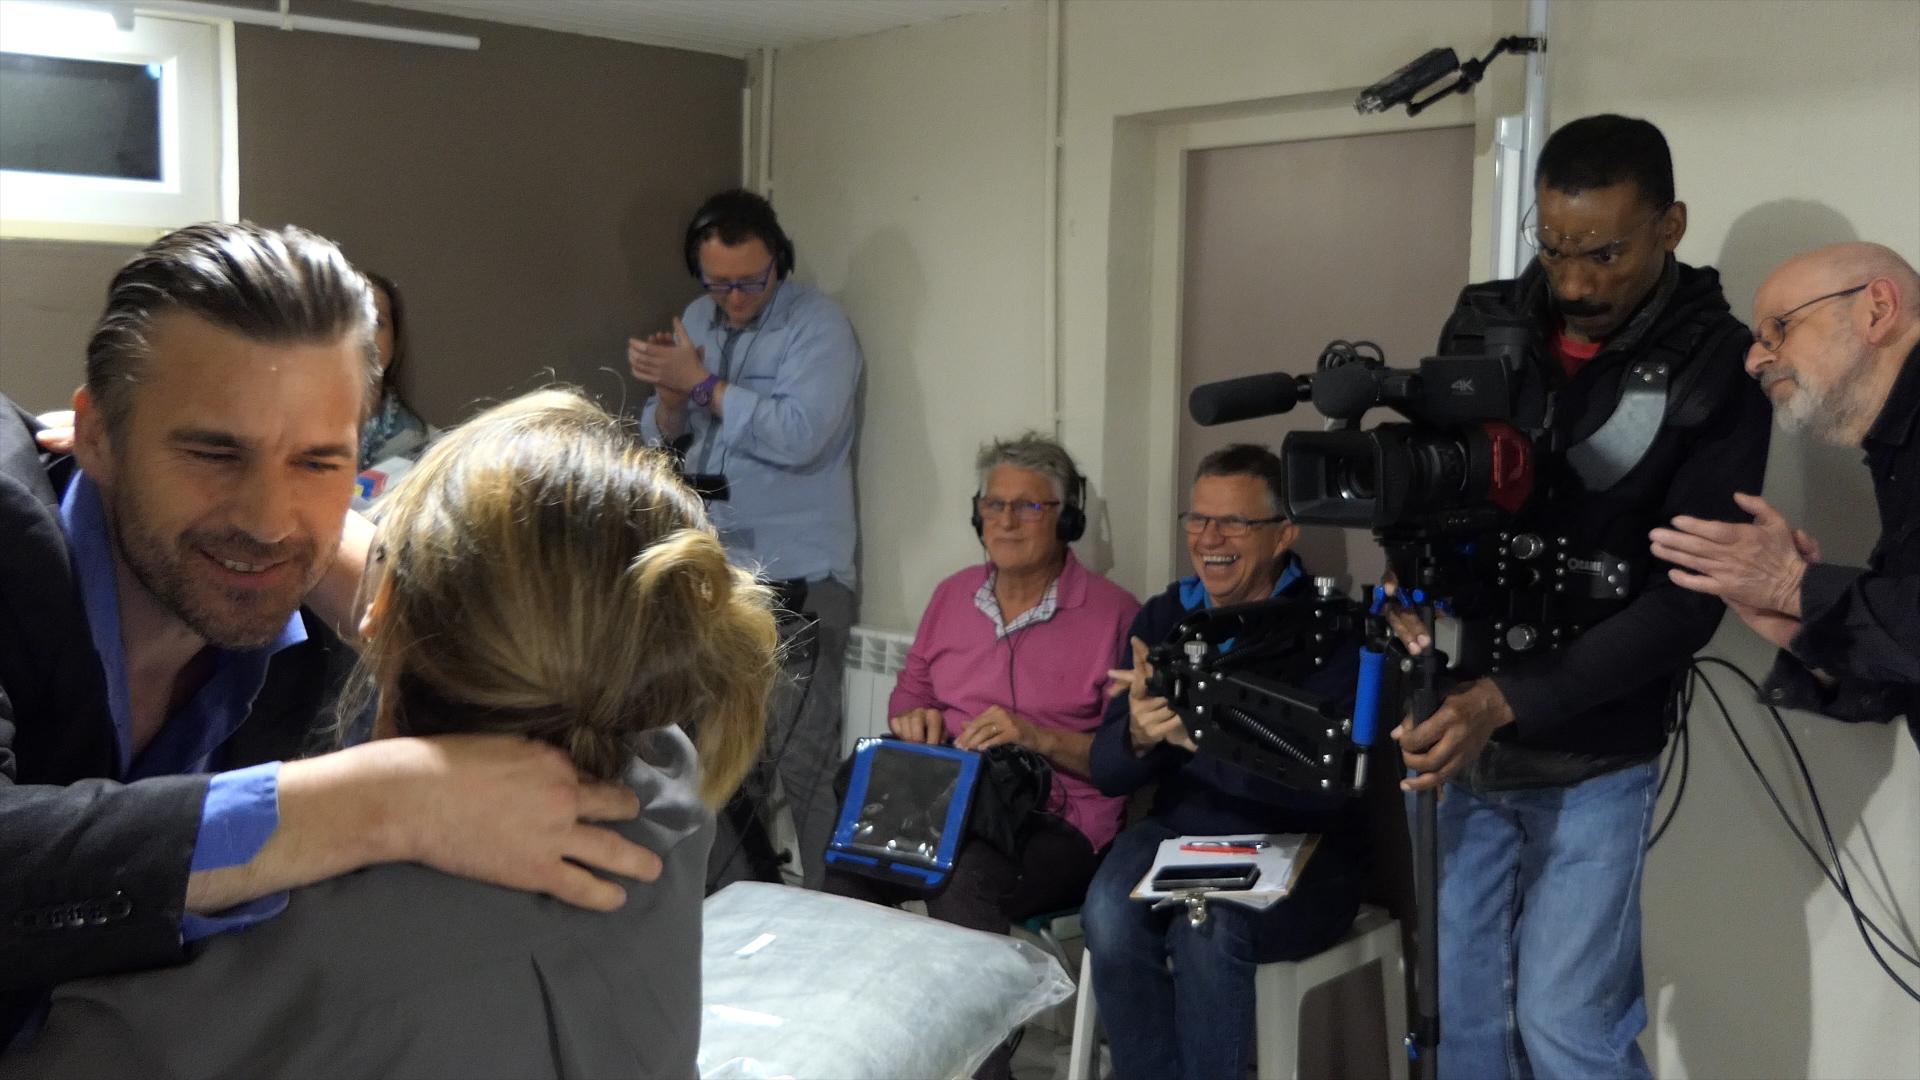 Tontons cadreurs tournage polar52